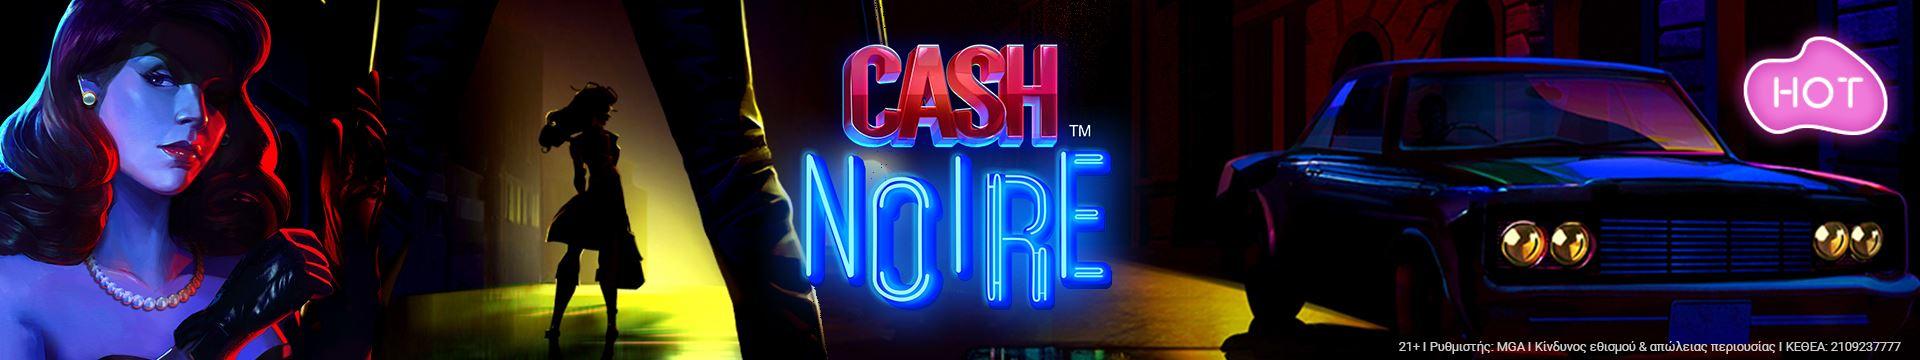 Cash_Noire